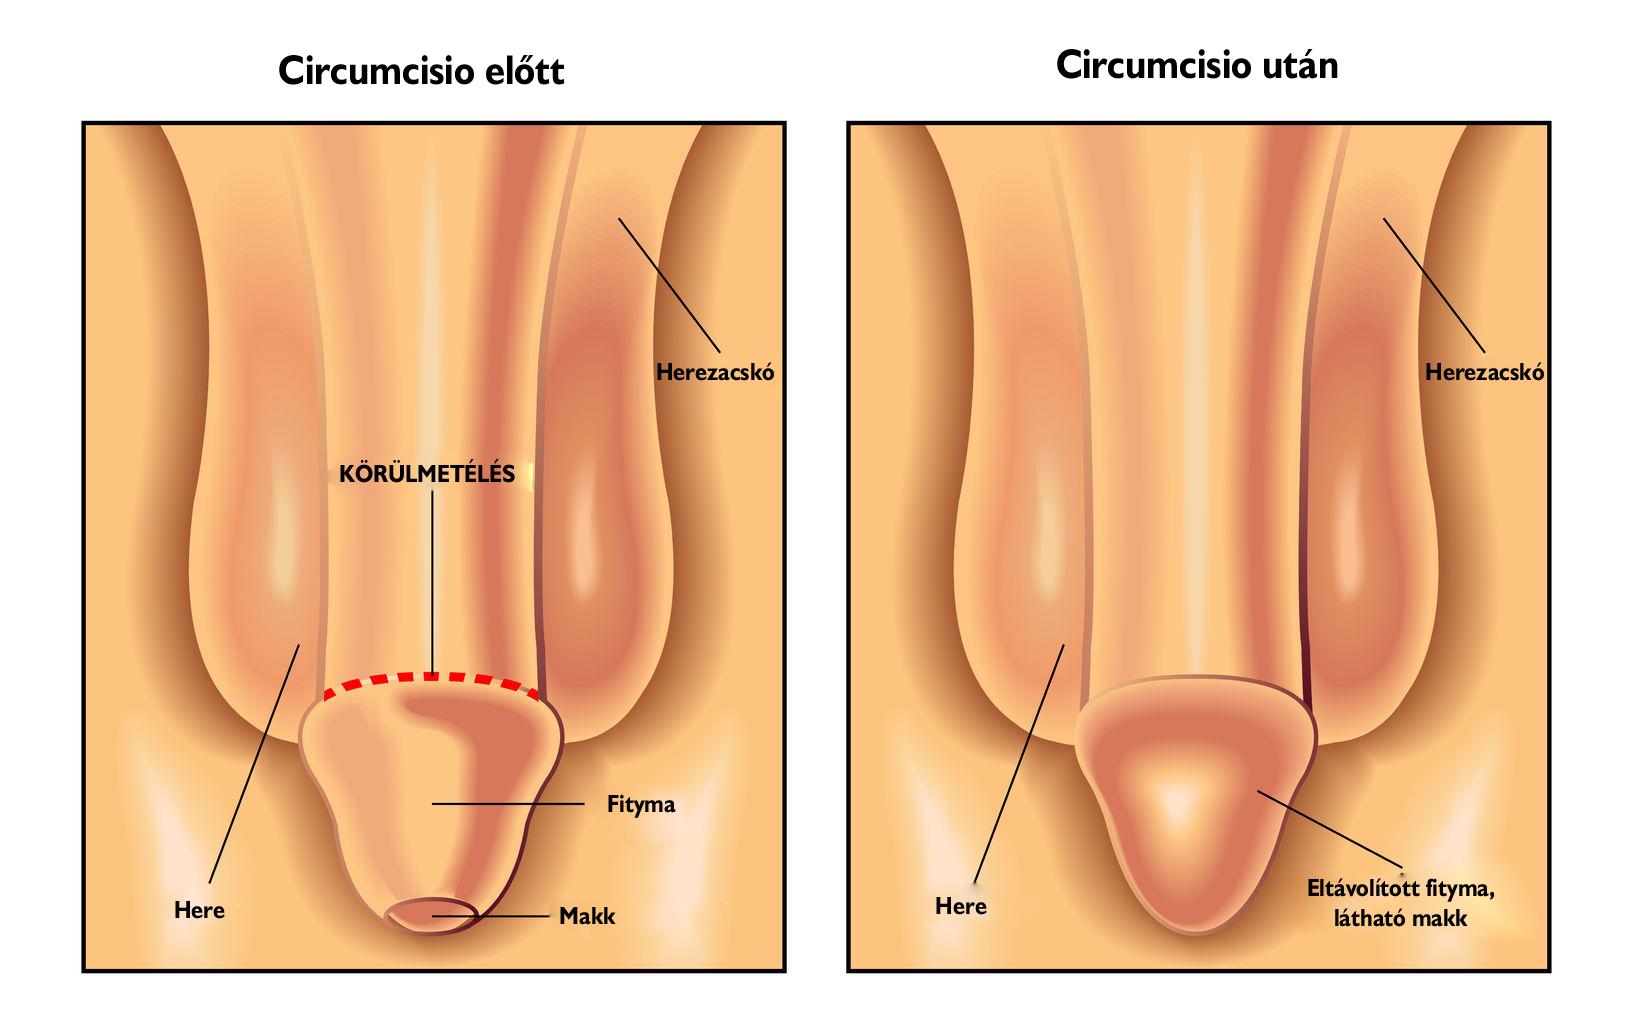 gyógyszer, hogy a pénisz hosszú ideig állt az erekció gyors növekedése